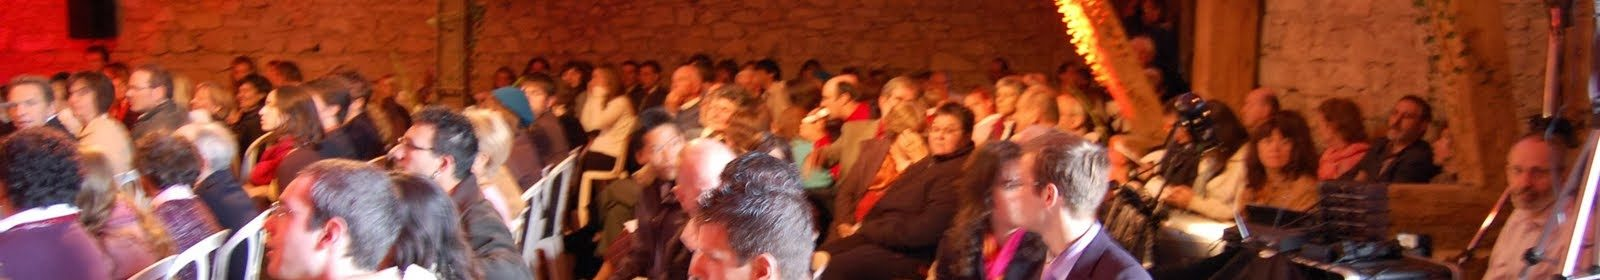 [fr:]Publique de Mariage[en:]Wedding crowd[de:]Hochzeitsgäste[:]